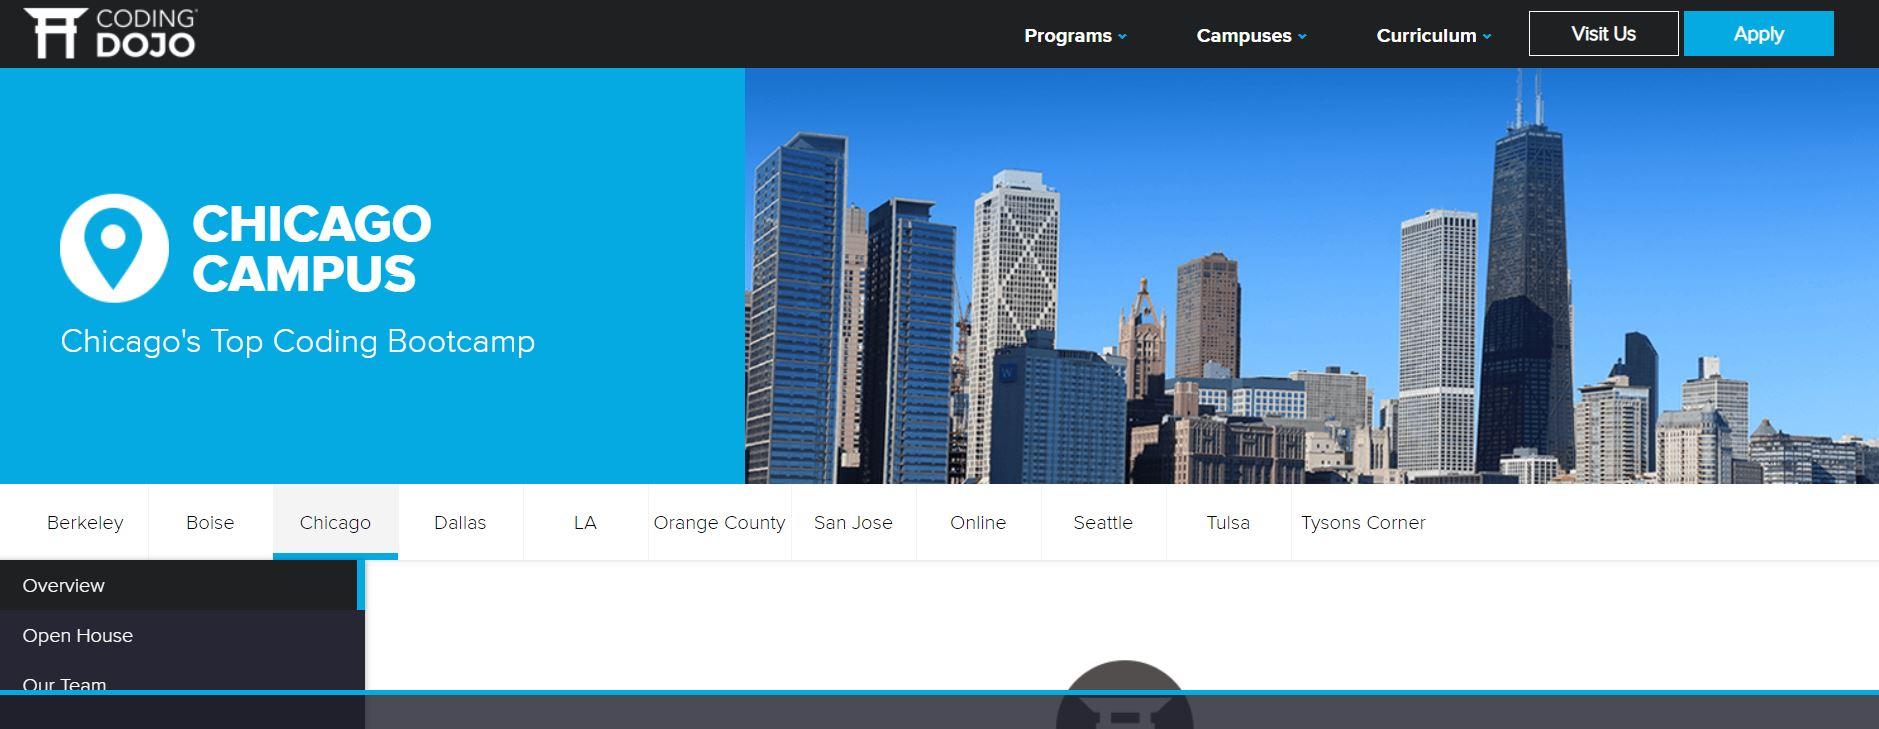 Coding Dojo Chicago